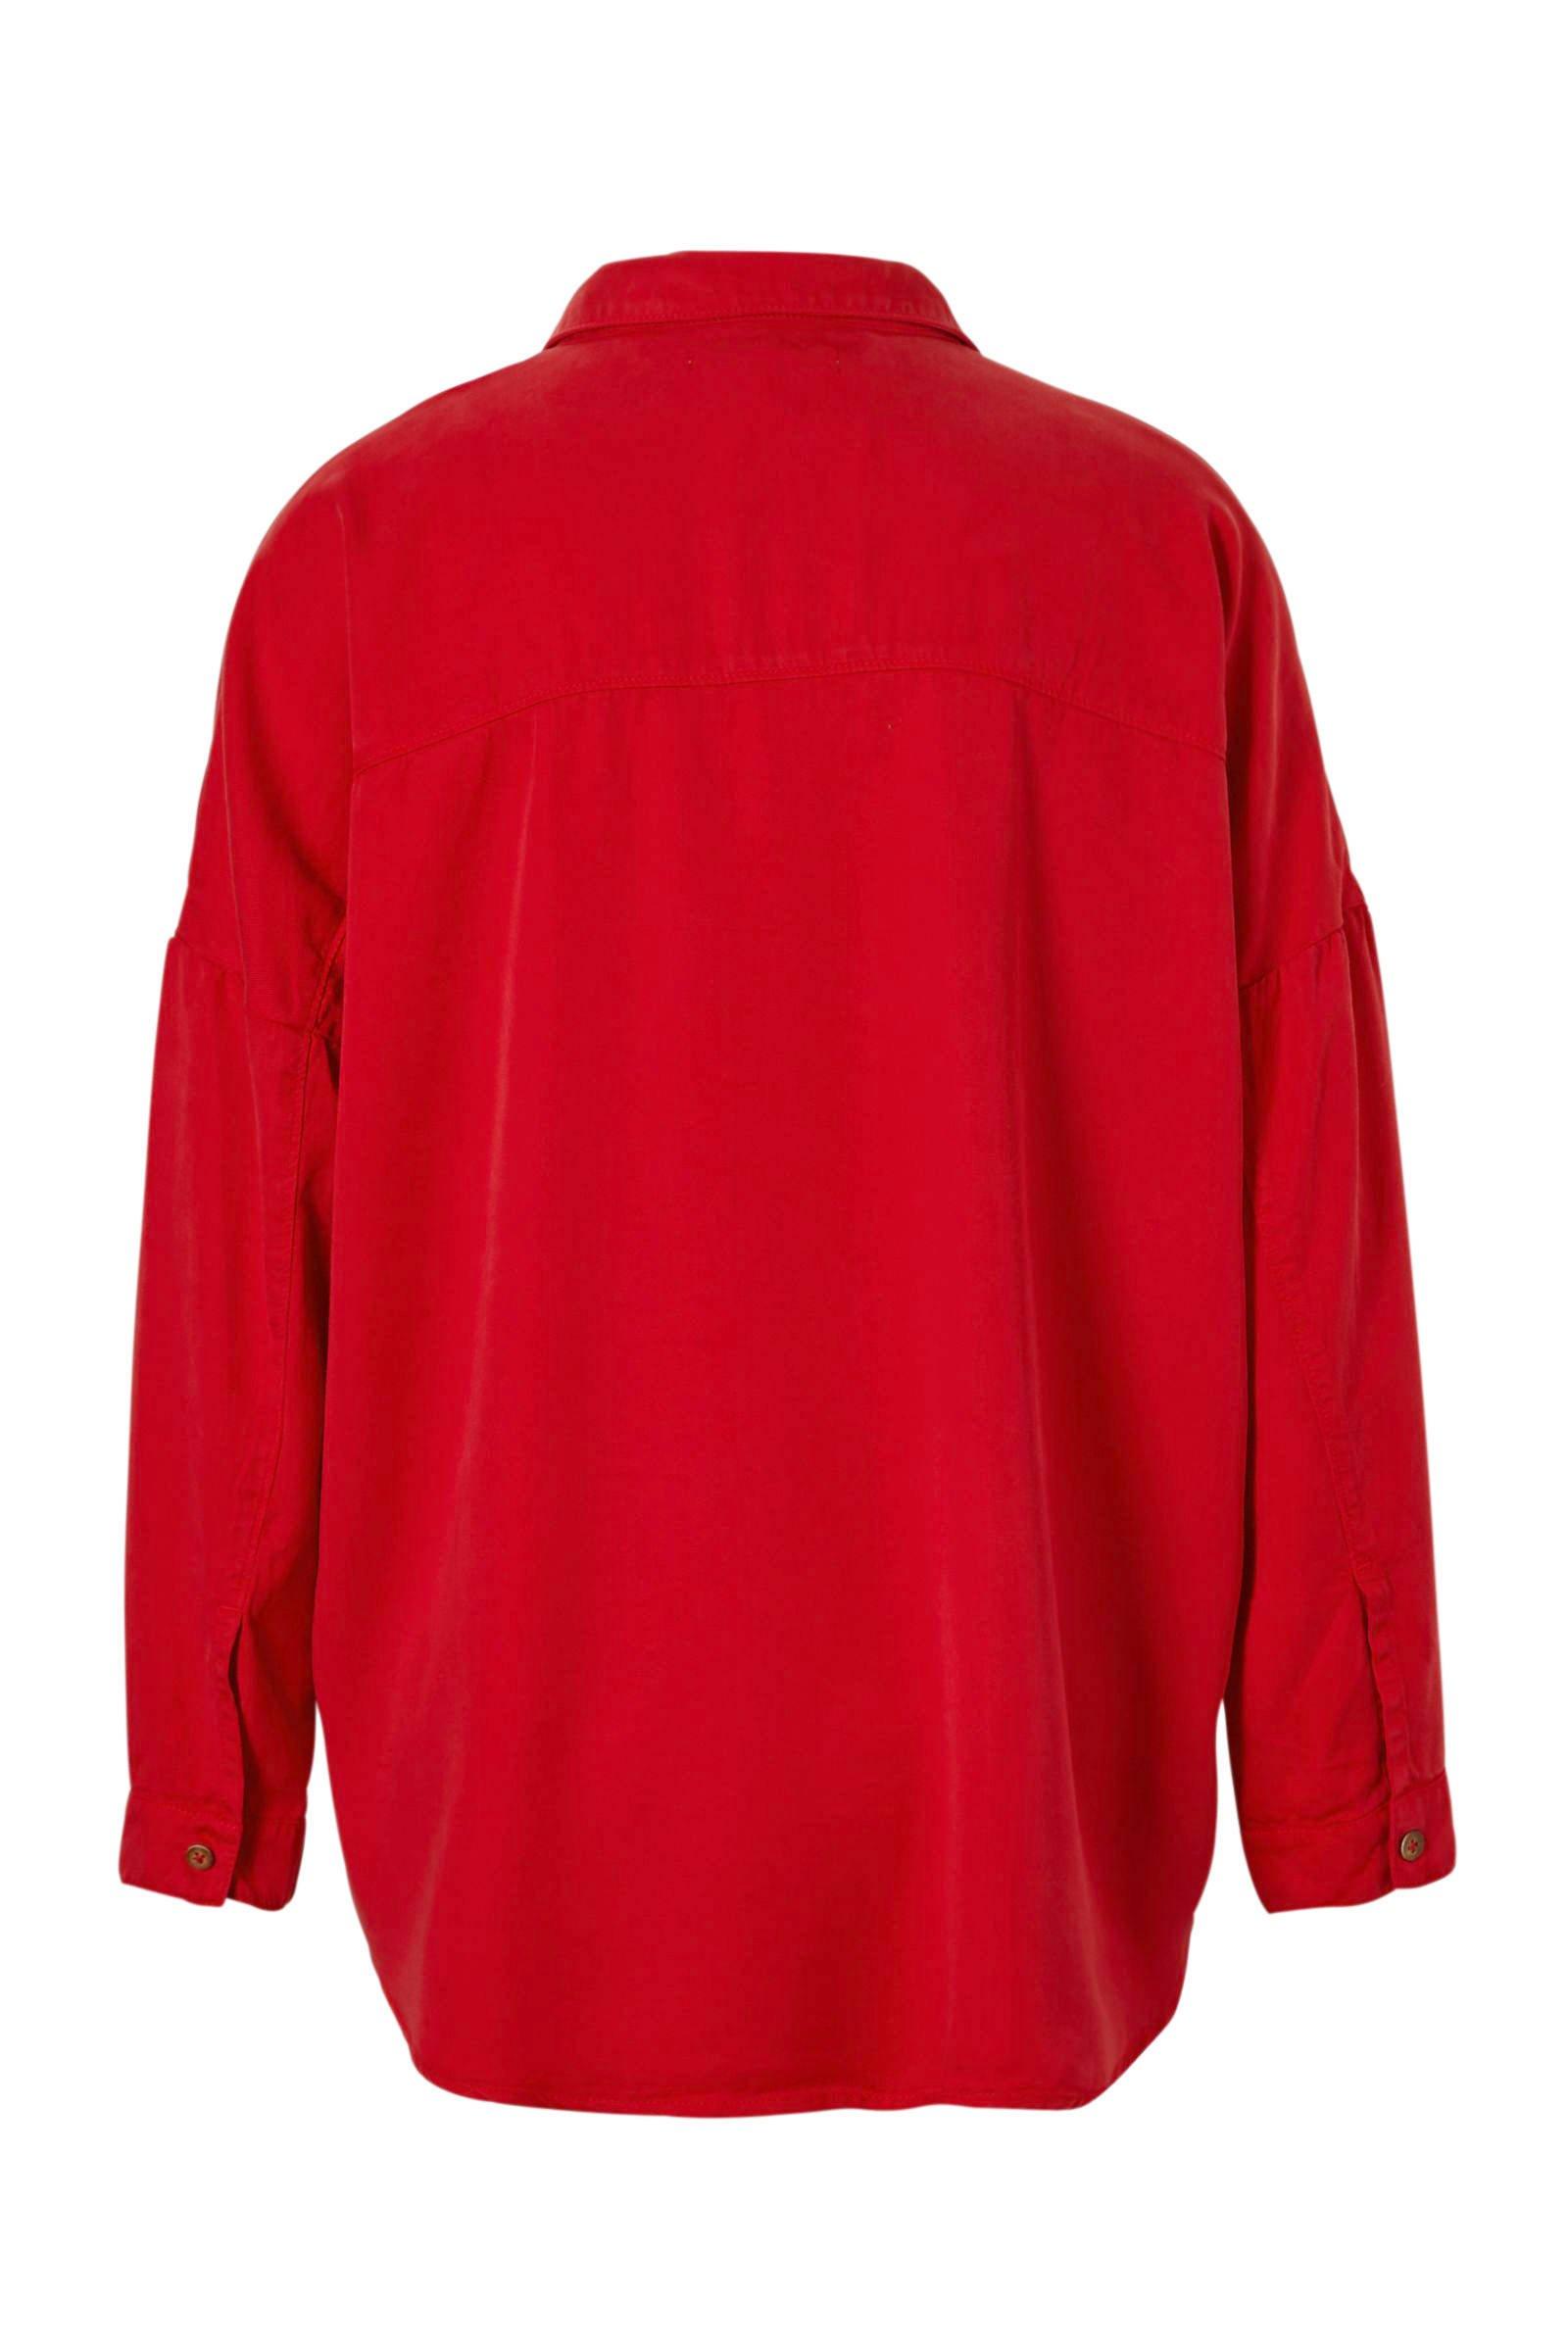 rood blouse ESPRIT Women Casual blouse Casual rood ESPRIT Women 0wqd0Z